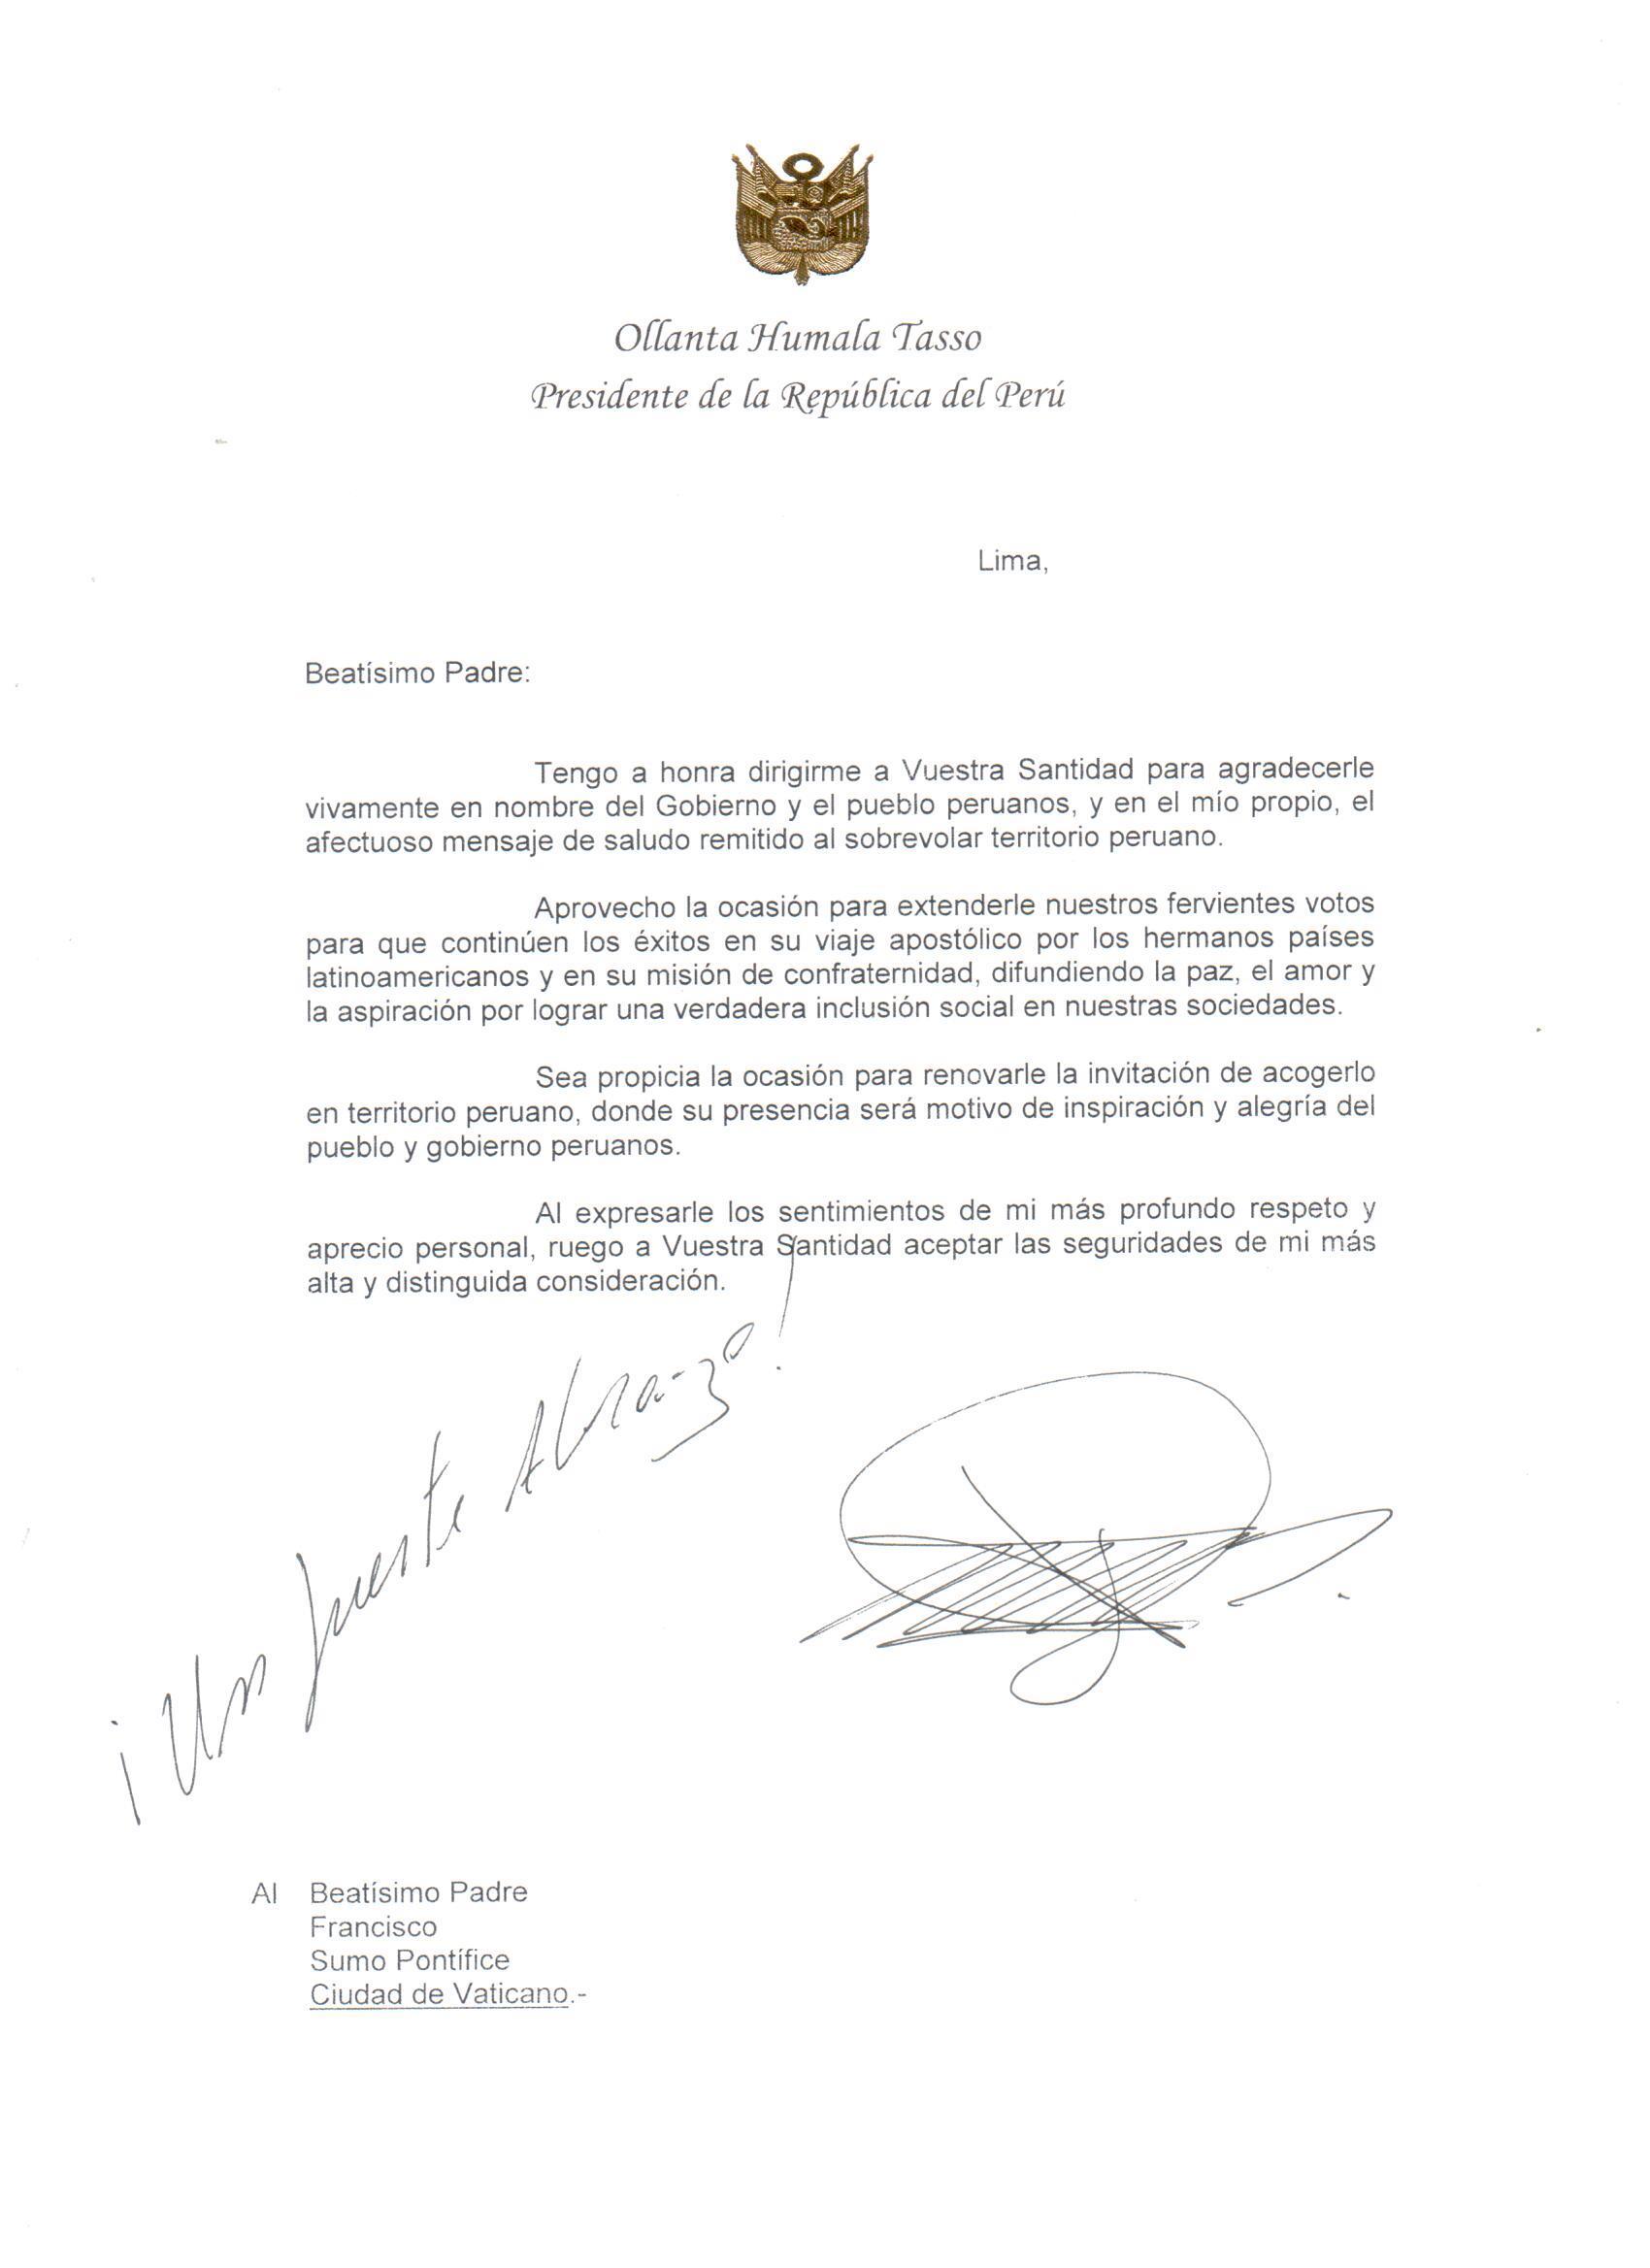 Francisco: Humala reitera invitación a pontícipe para visitar Perú